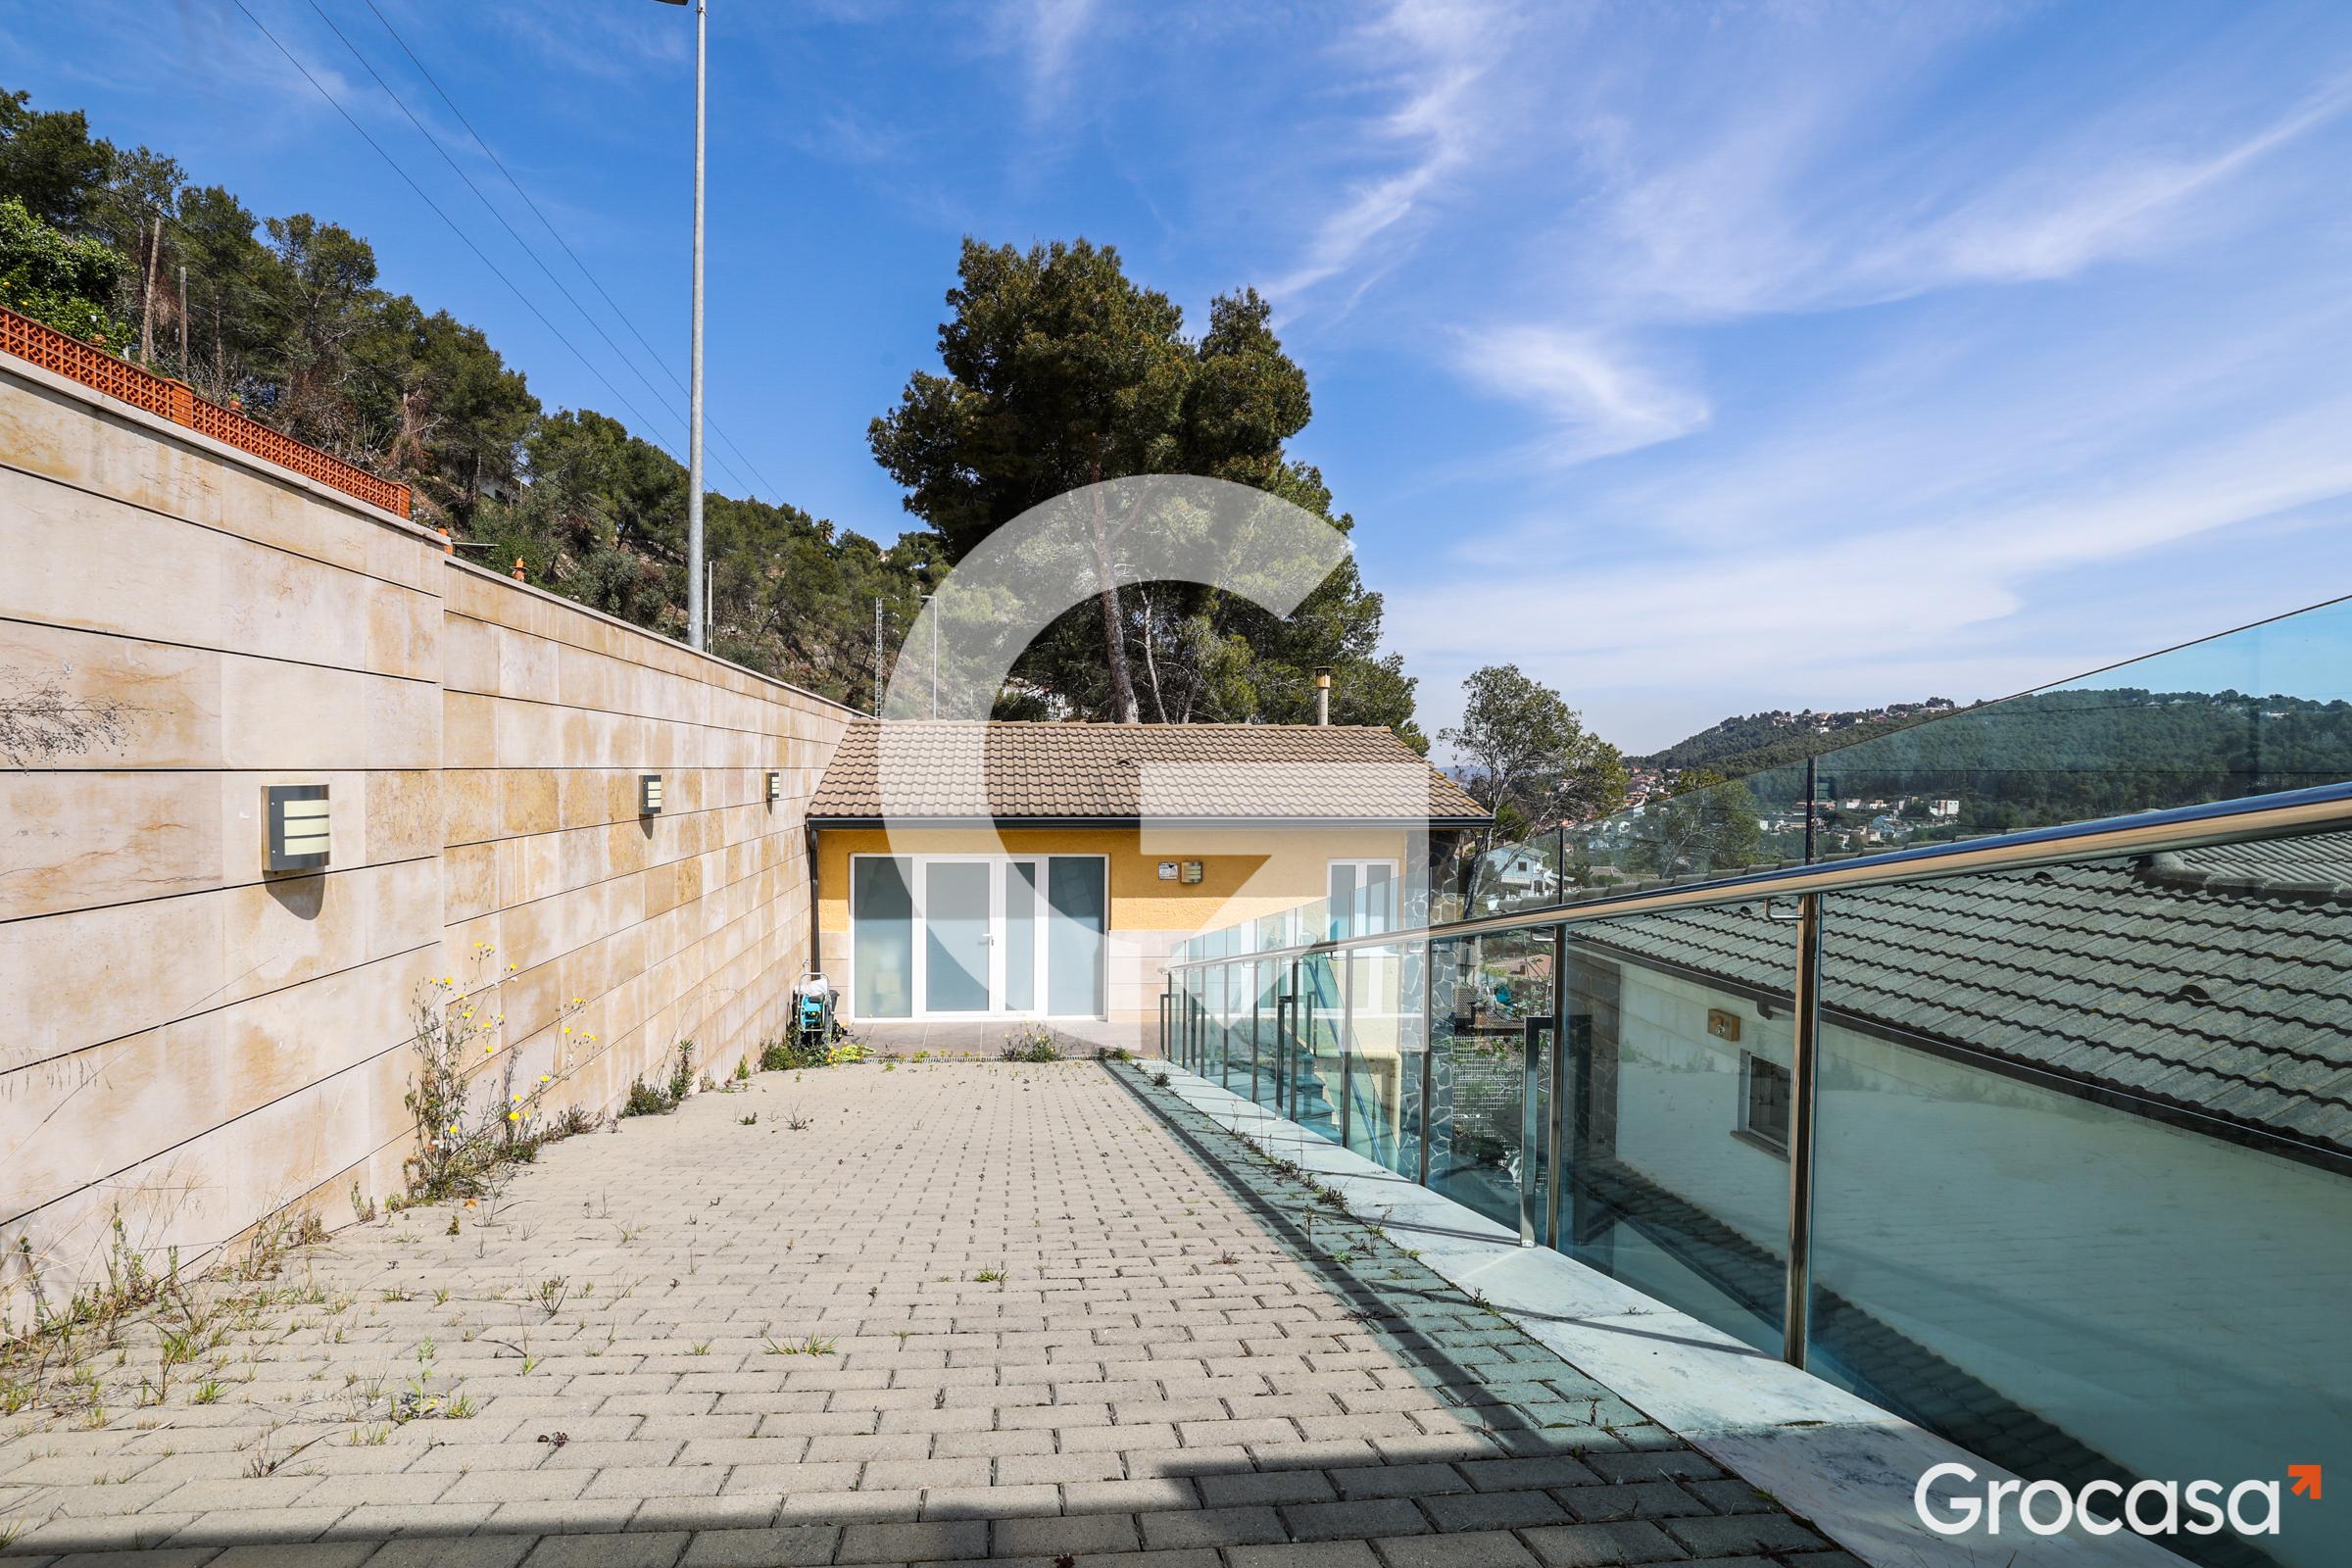 Casa en Solana en VALLIRANA en Venta por 650.000€